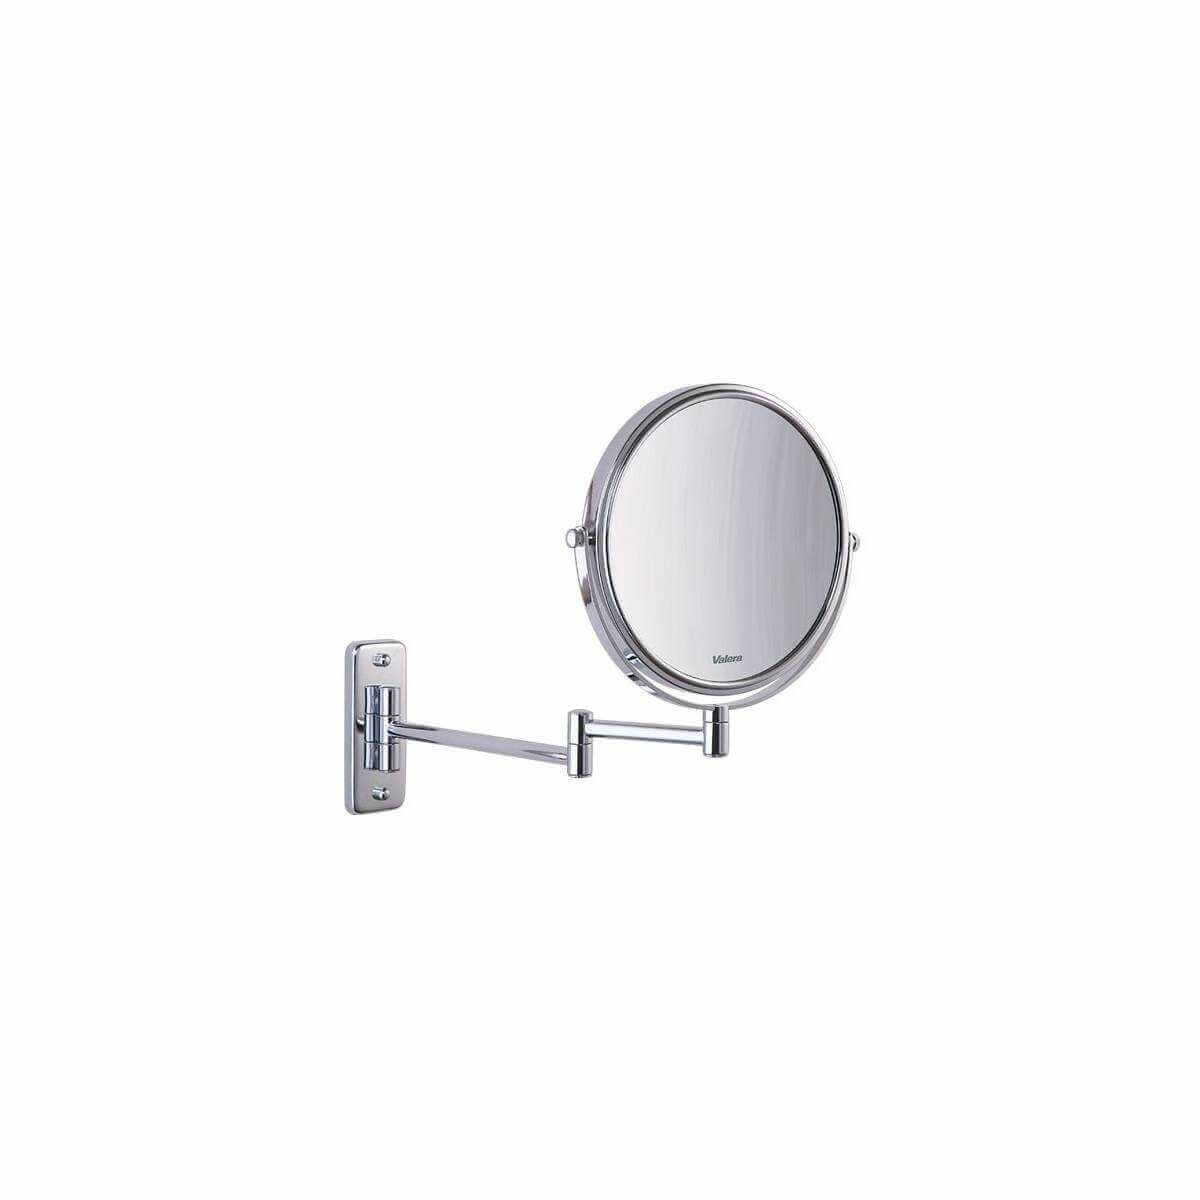 Зеркало с кронштейном Valera OPTIMA Classic 207.01 Valera